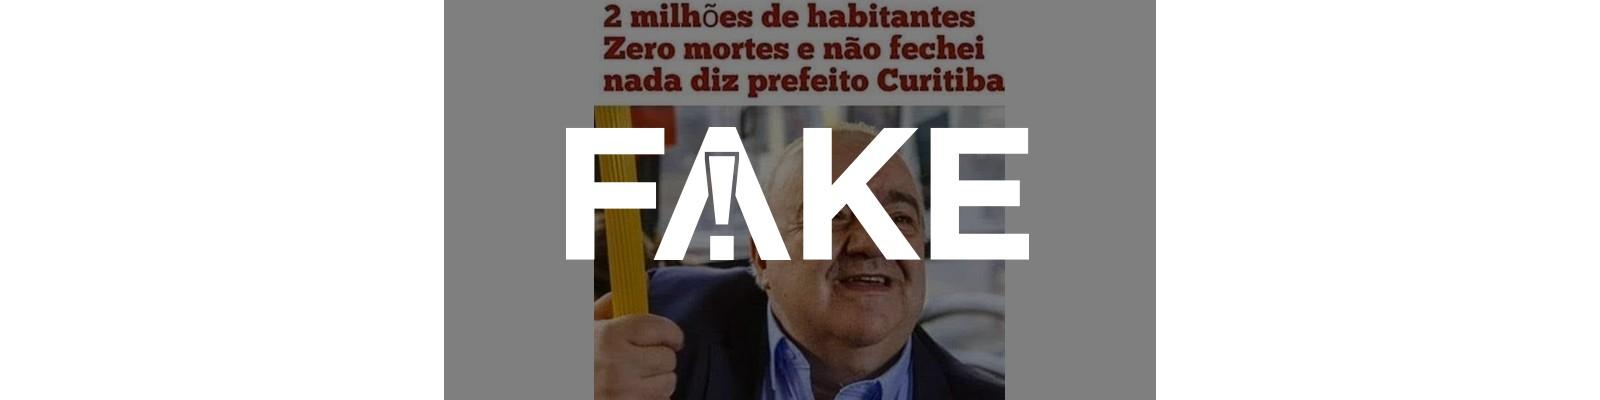 É #FAKE que Curitiba não tem adotado medidas de distanciamento social e não registra mortes por Covid-19